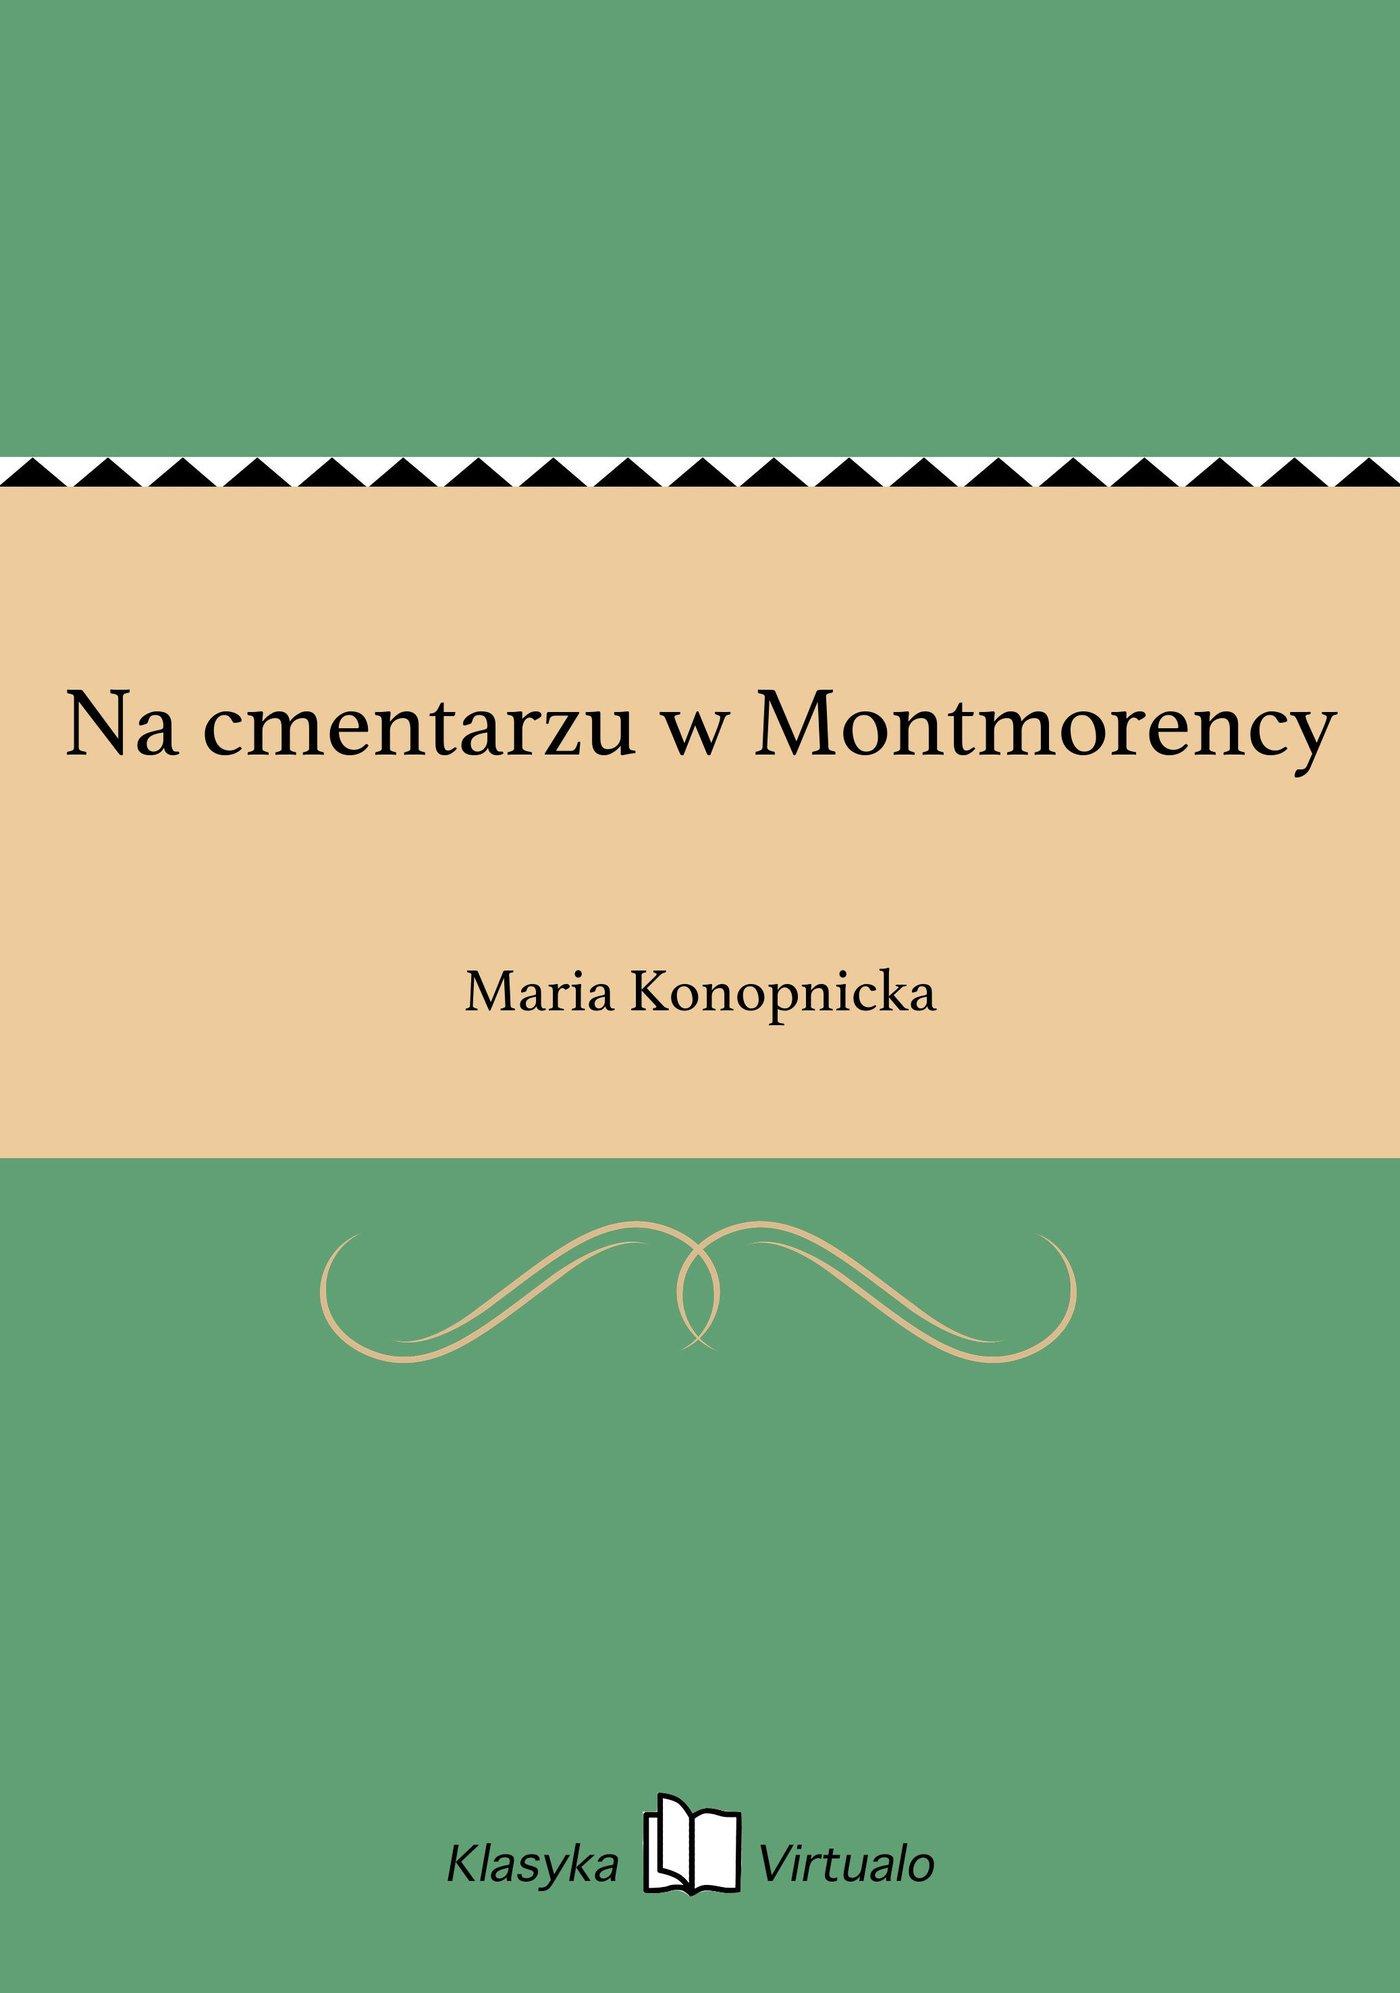 Na cmentarzu w Montmorency - Ebook (Książka EPUB) do pobrania w formacie EPUB